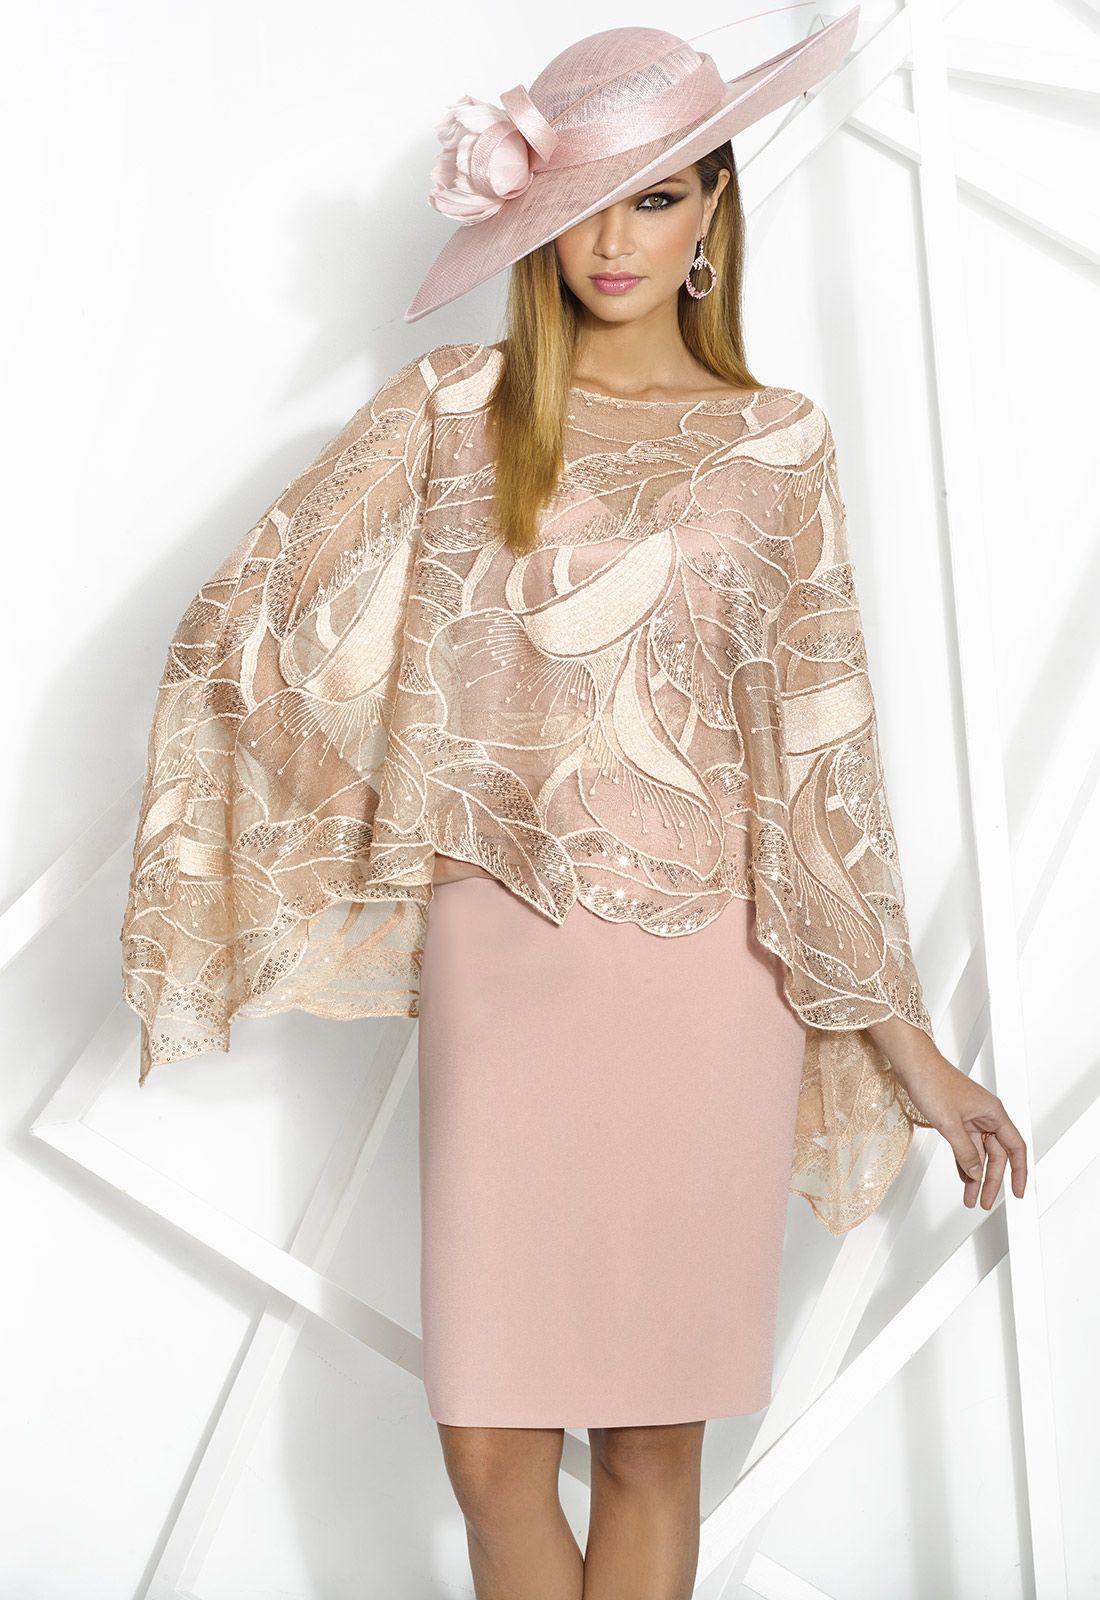 Ausgezeichnet Partykleider Melbourne Galerie - Hochzeit Kleid Stile ...